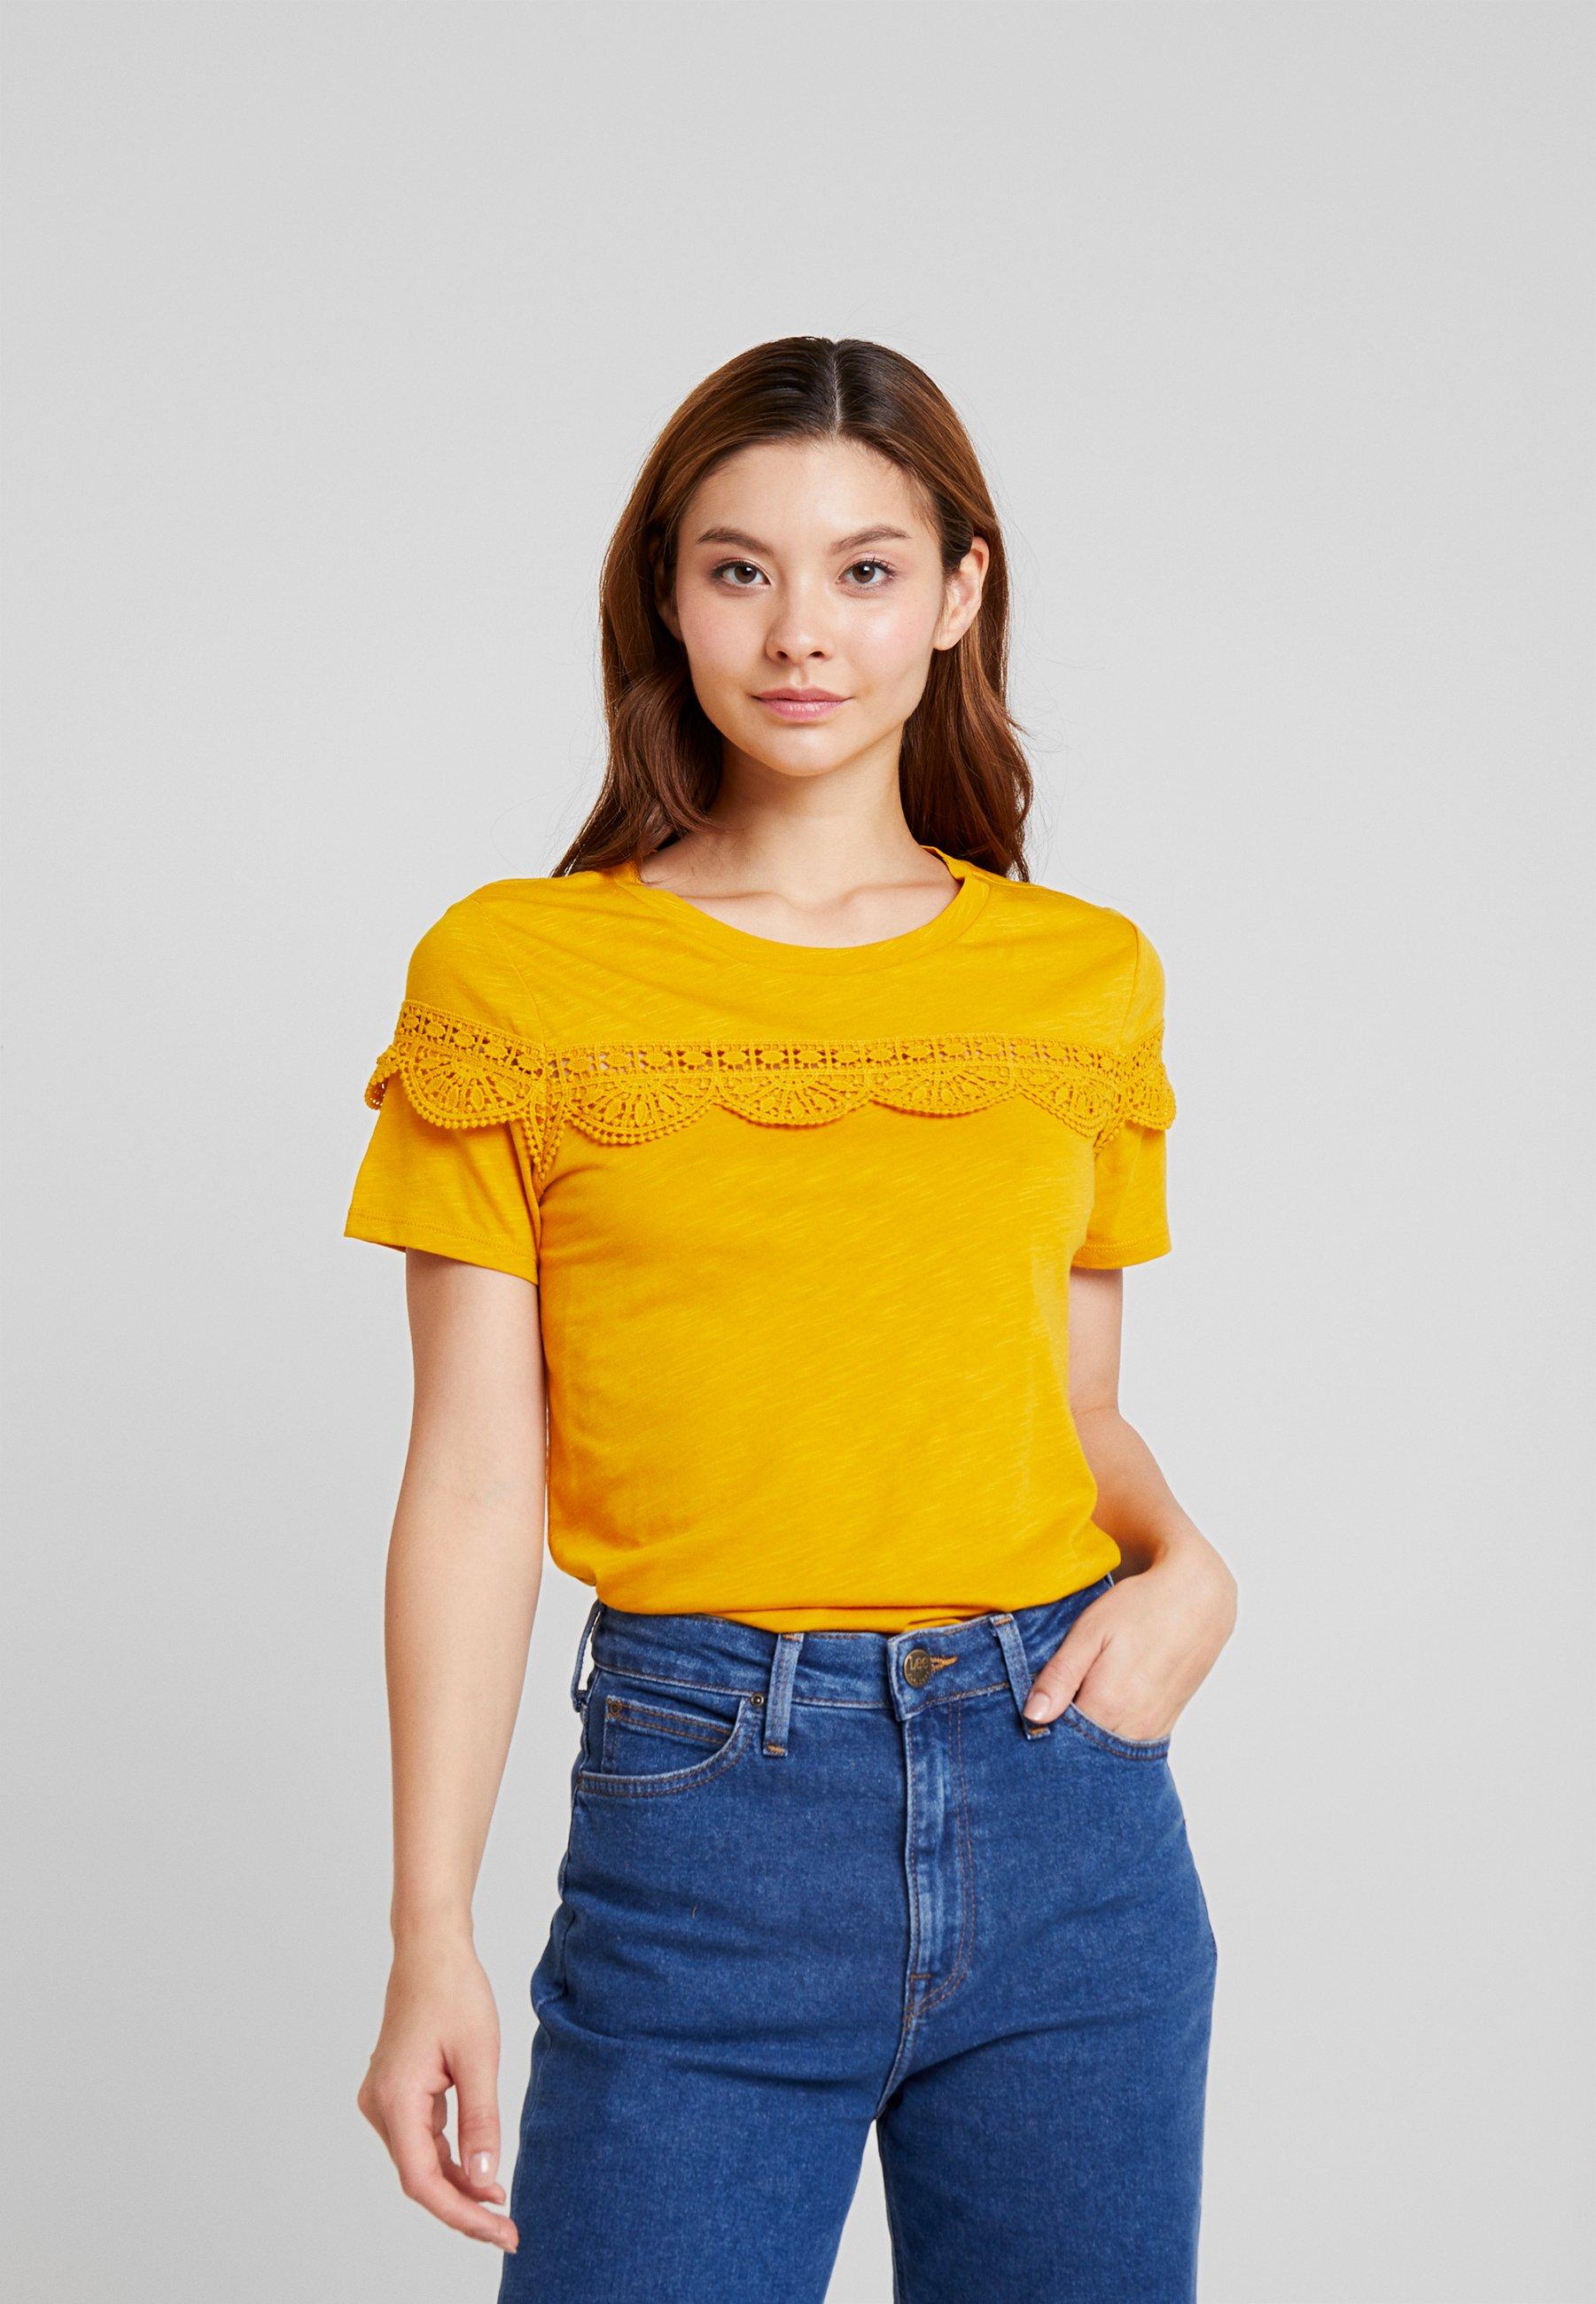 T Field ImpriméGolden Anna shirt Yellow hrstQd